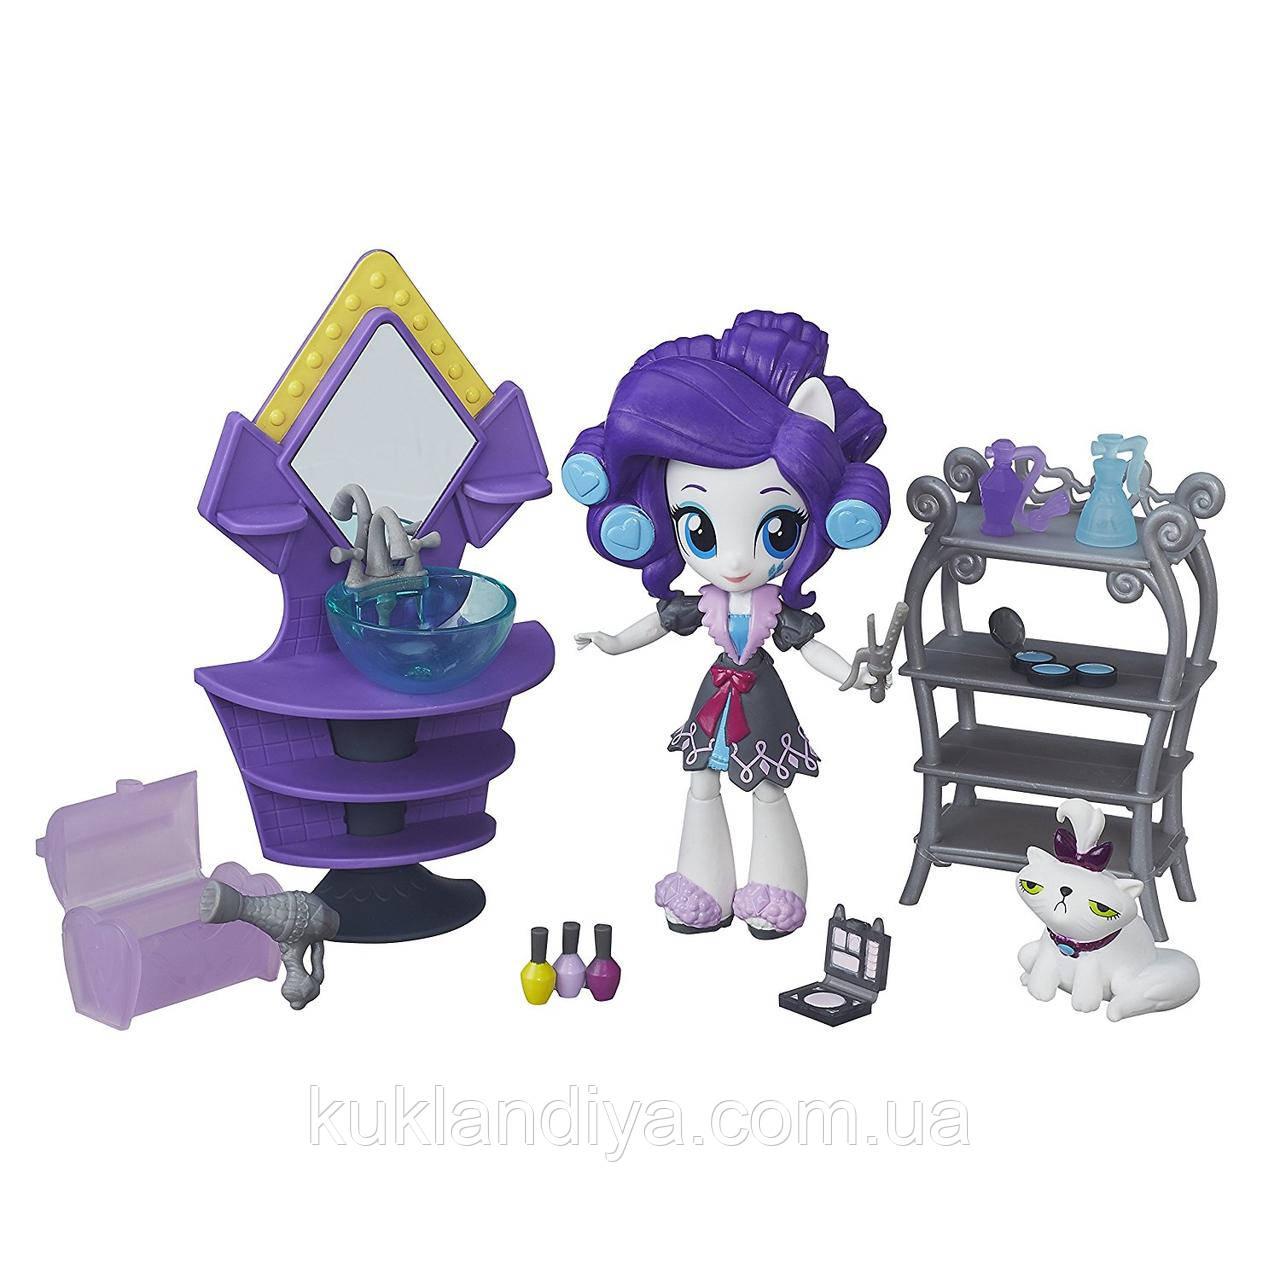 Игровой набор My Little Pony Рарити минис Пижамная Вечеринка